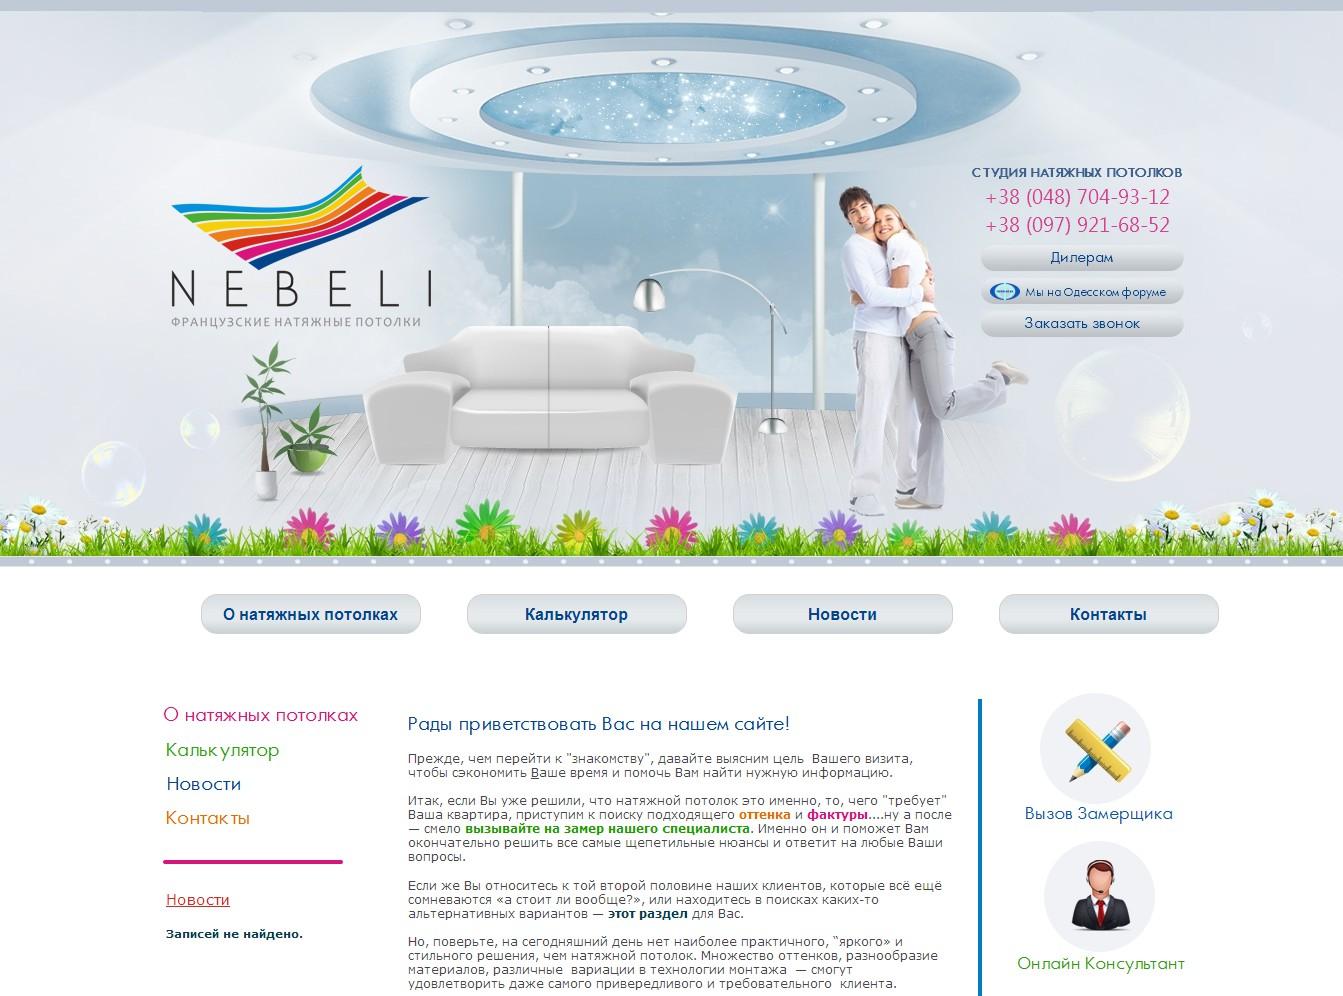 """Верстка проекта """"Nebeli"""""""